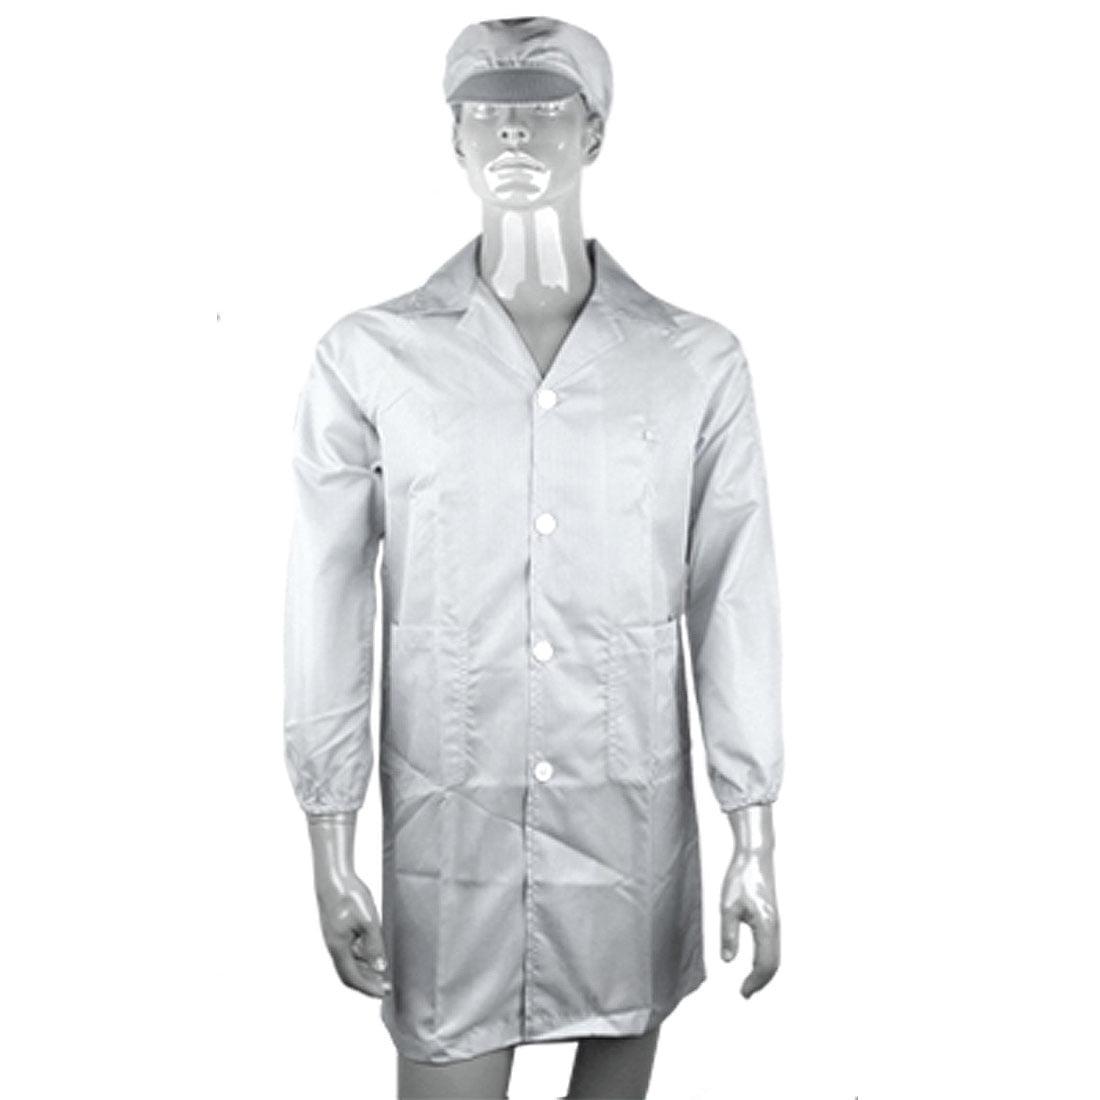 Taille S unisexe anti-statique LAB Smock Vêtements Manteau - image 1 de 1